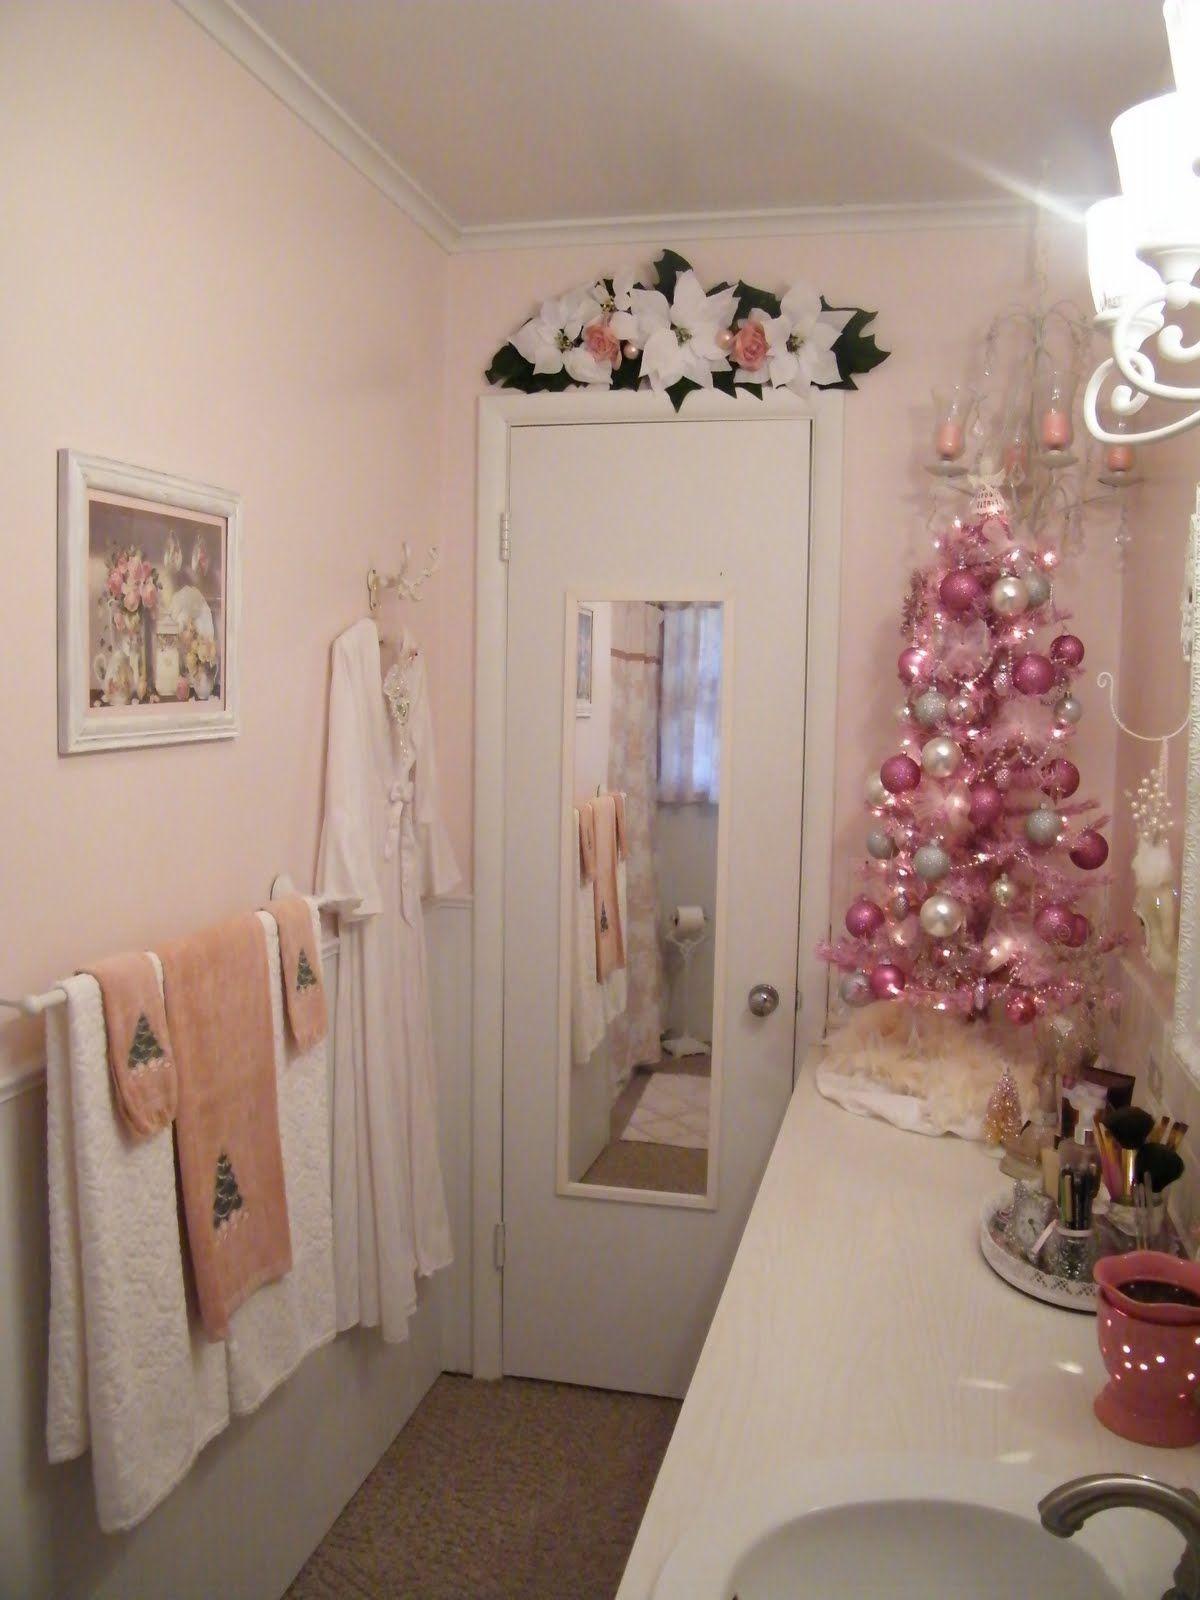 Christmas Bathroom Decoration Idea Christmas Bathroom Christmas Bathroom Decor Bathroom Decor Sets